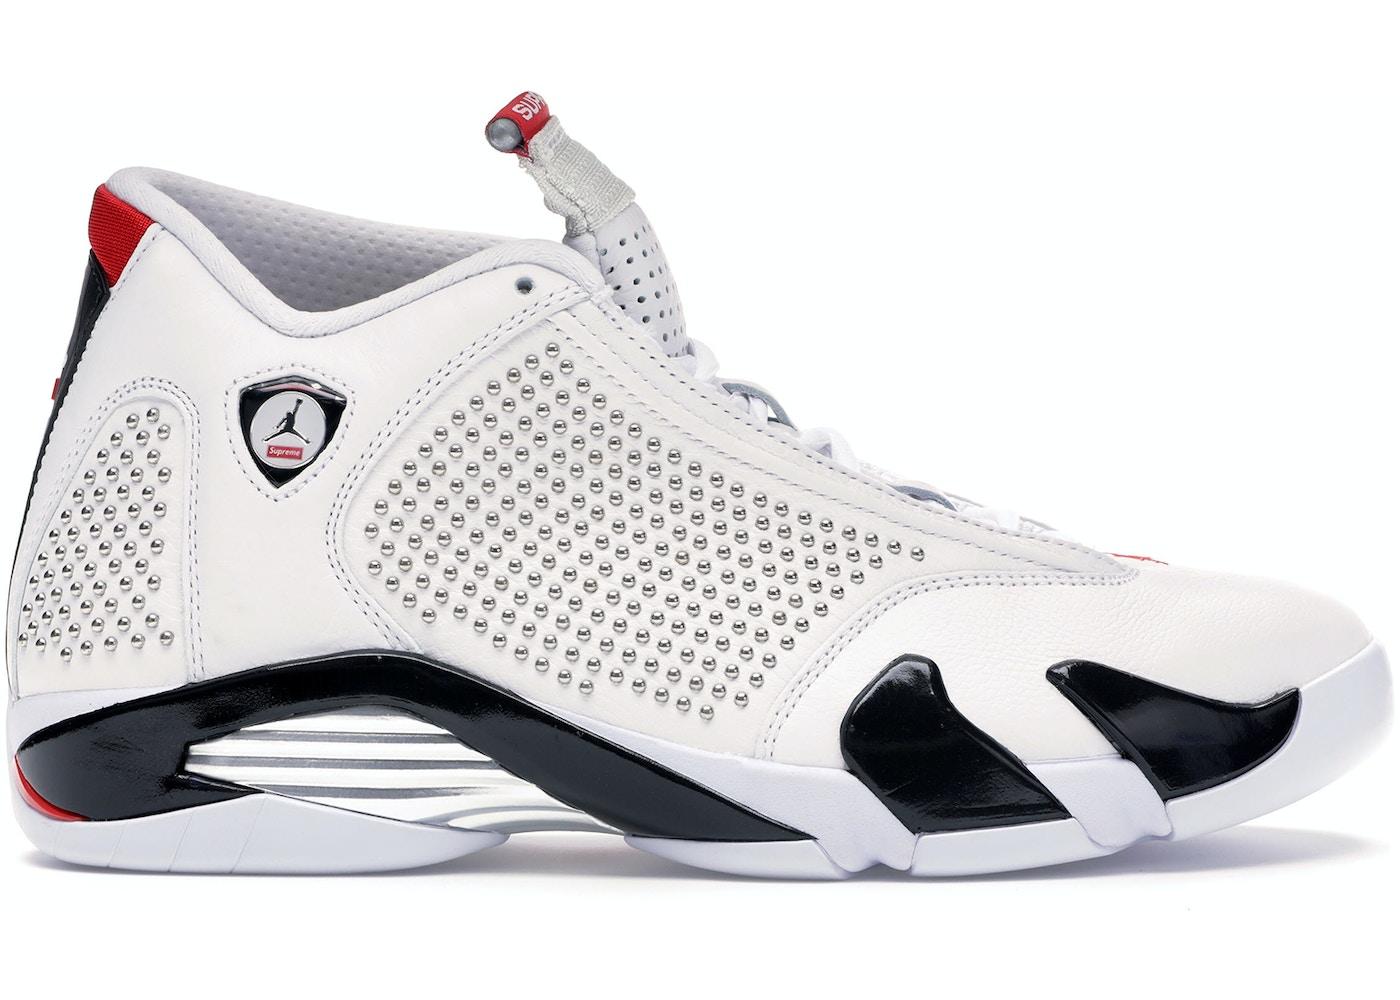 newest collection 6b46e 8c029 Jordan 14 Retro Supreme White